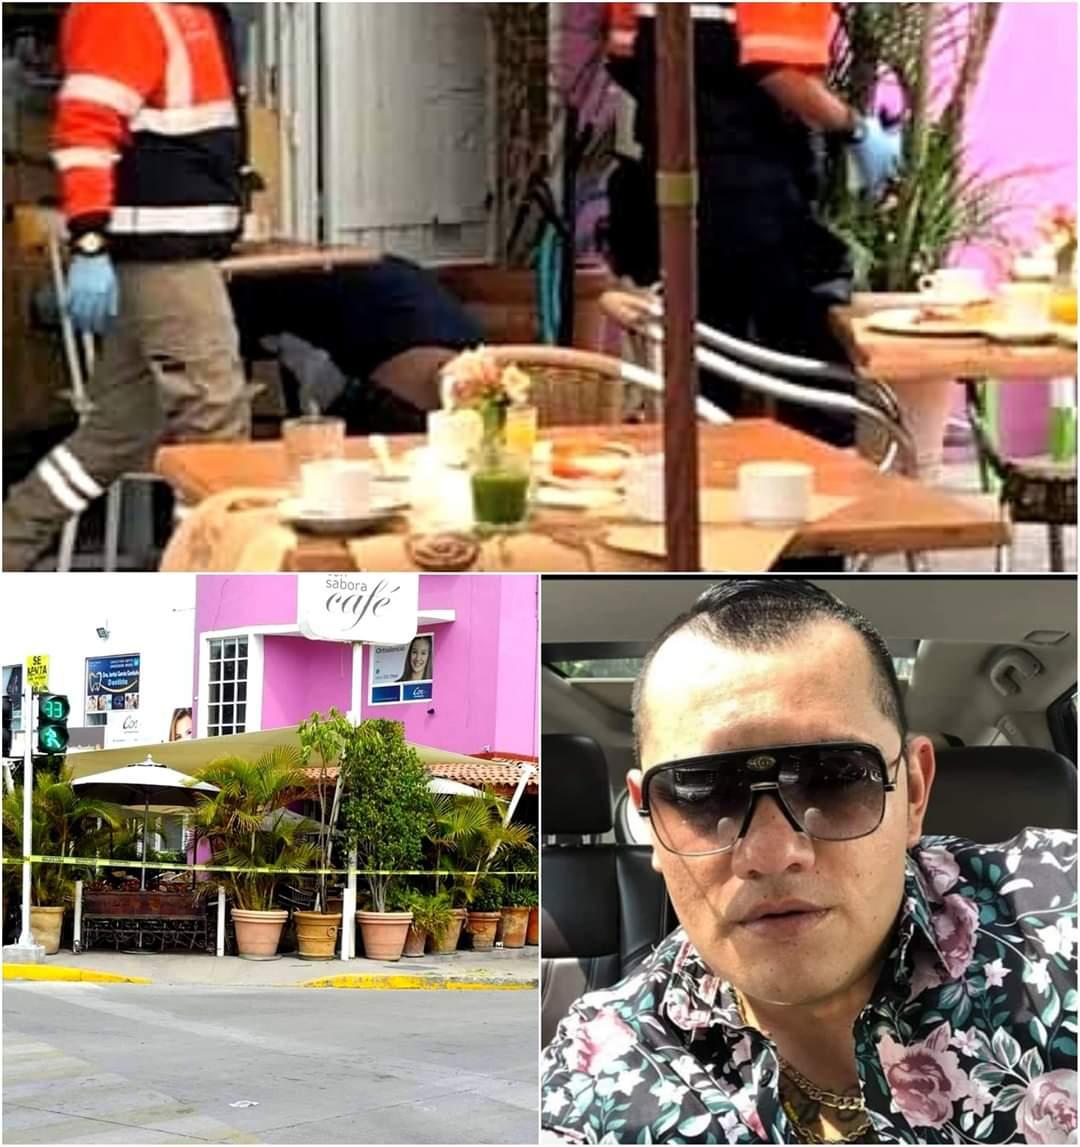 Sicarios ejecutan en Irapuato; Guanajuato, a Martín Landeros, dueño y promotor de la empresa Lucha Libre Generación XXI